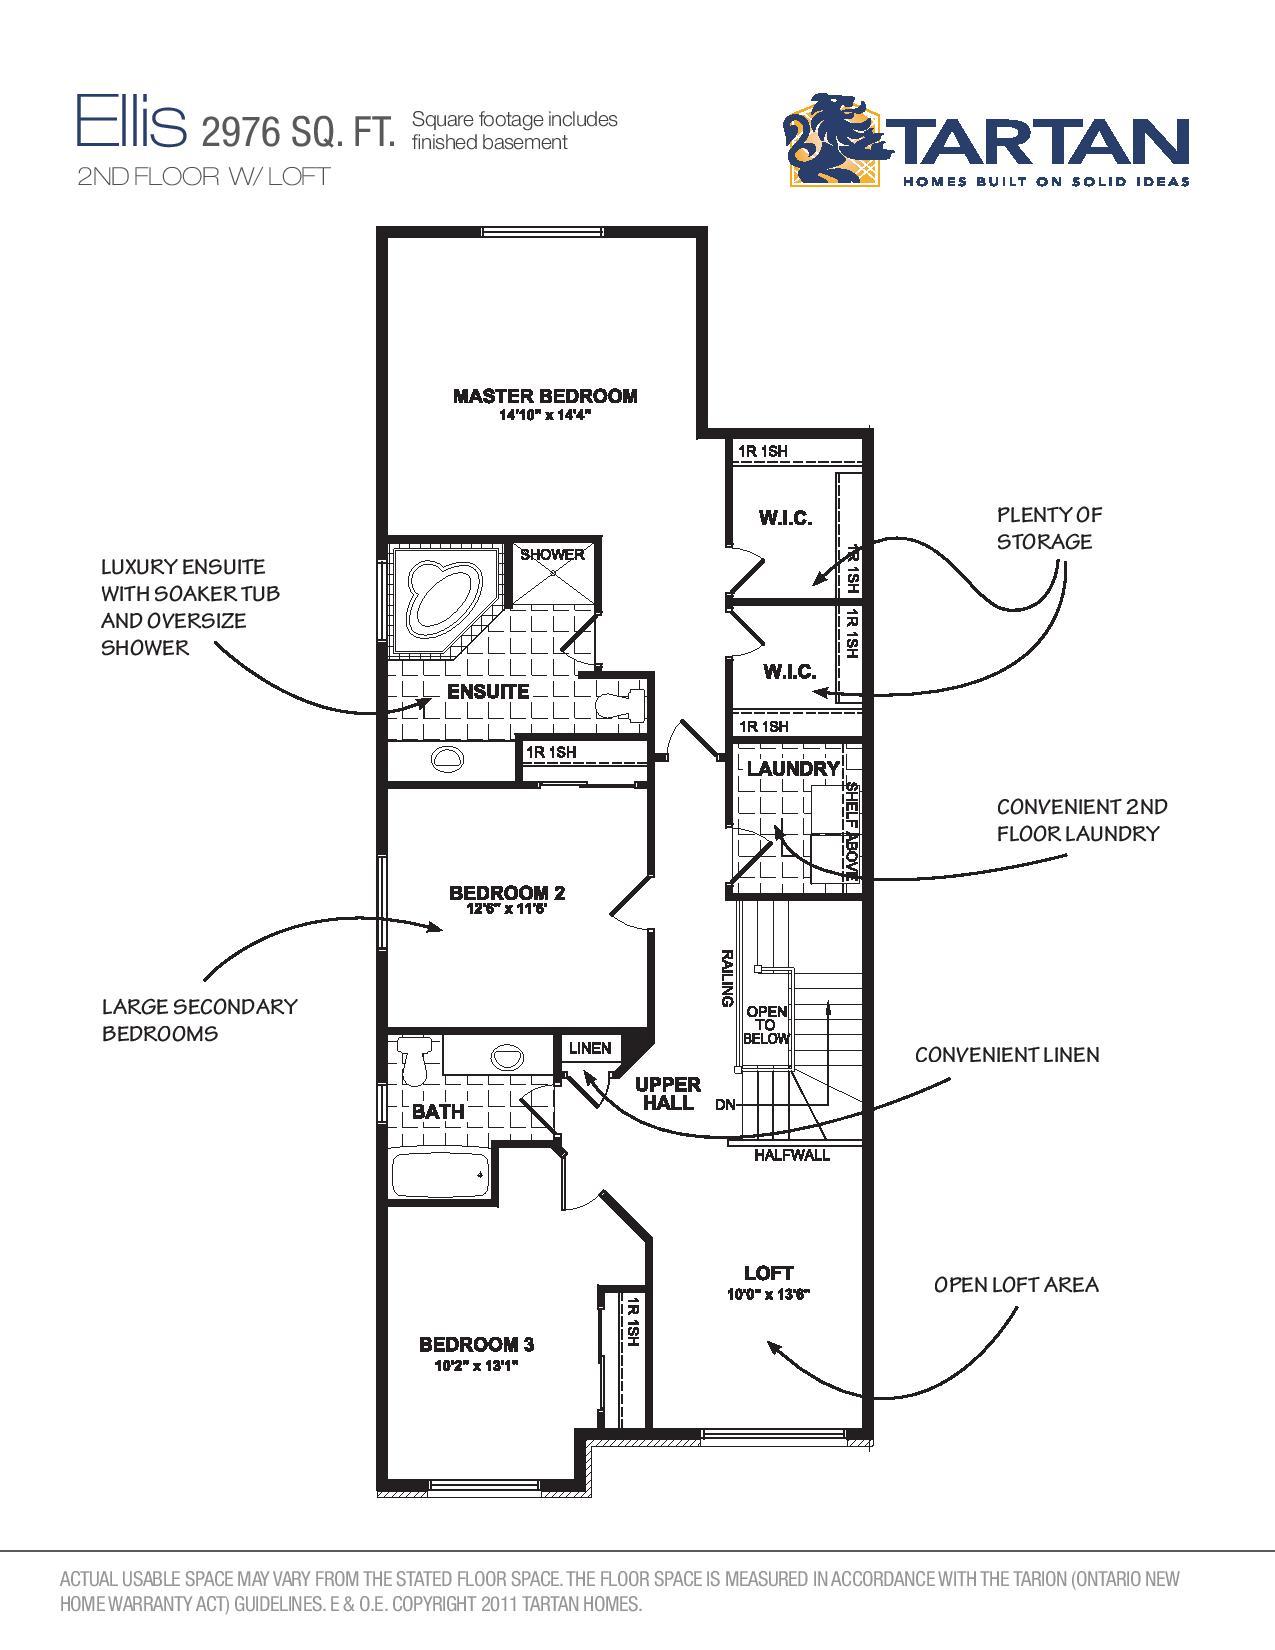 Ottawa Housing